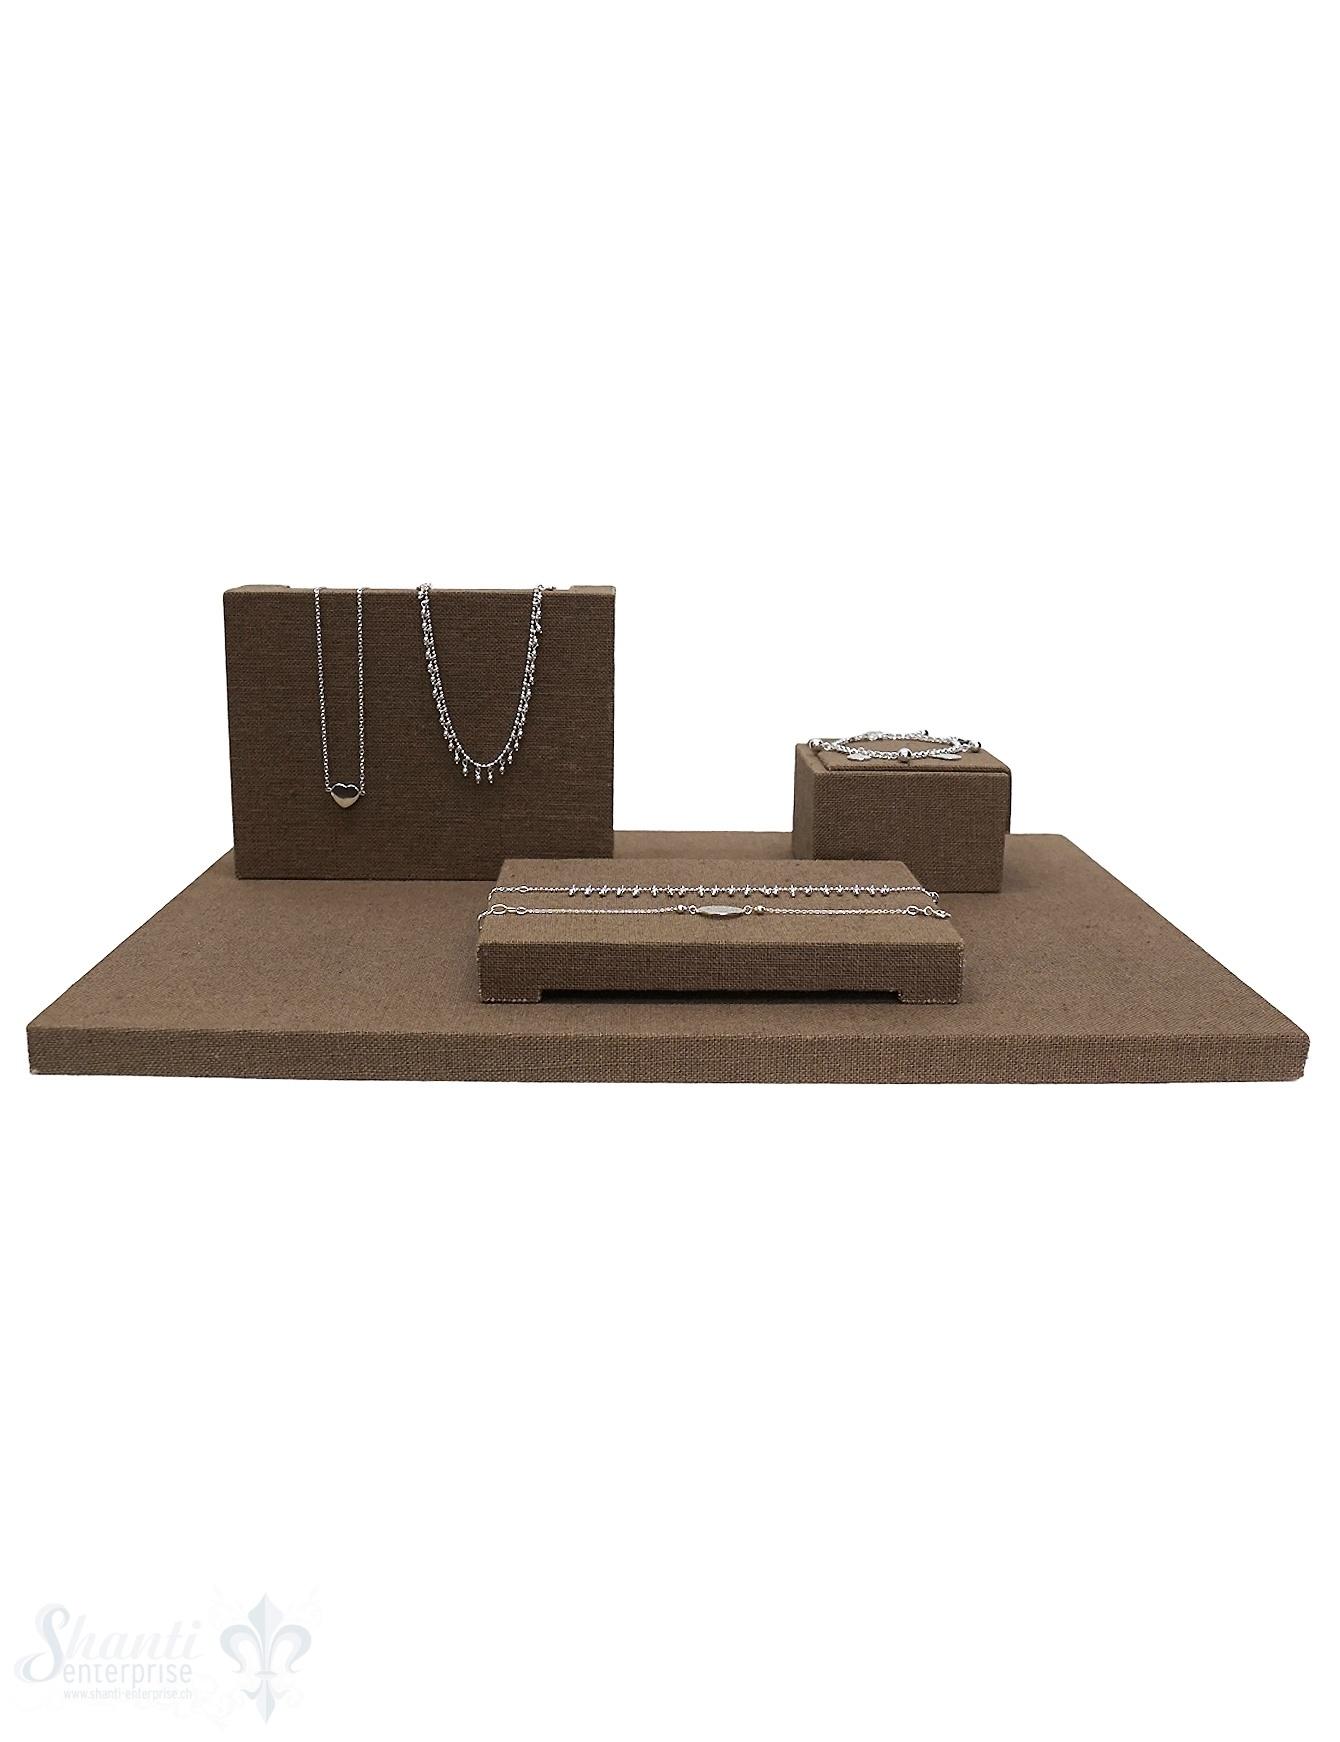 Display Leinen Brett-Set braun 40x30x1.5cm Set mit 3 Stk Display 16x12x4.5cm,.8x8x5 cm, 15.5x11.5x2 cm